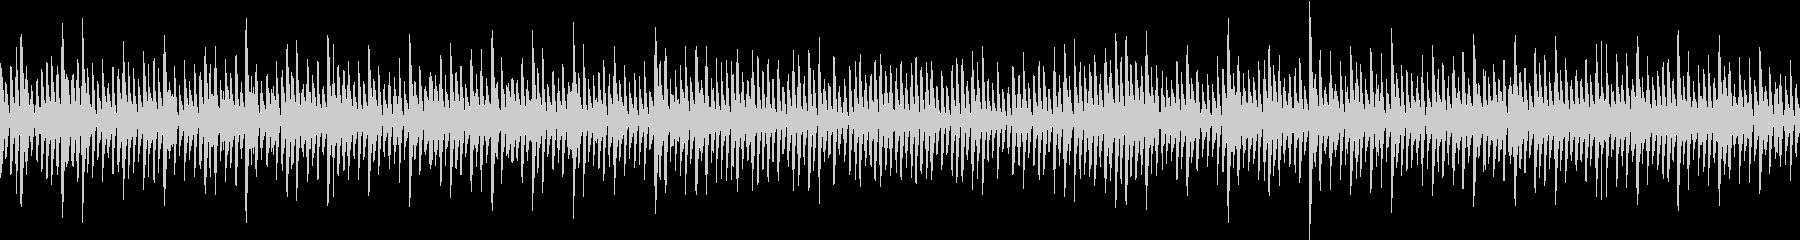 アップテンポなレトロゲームのBGMです。の未再生の波形